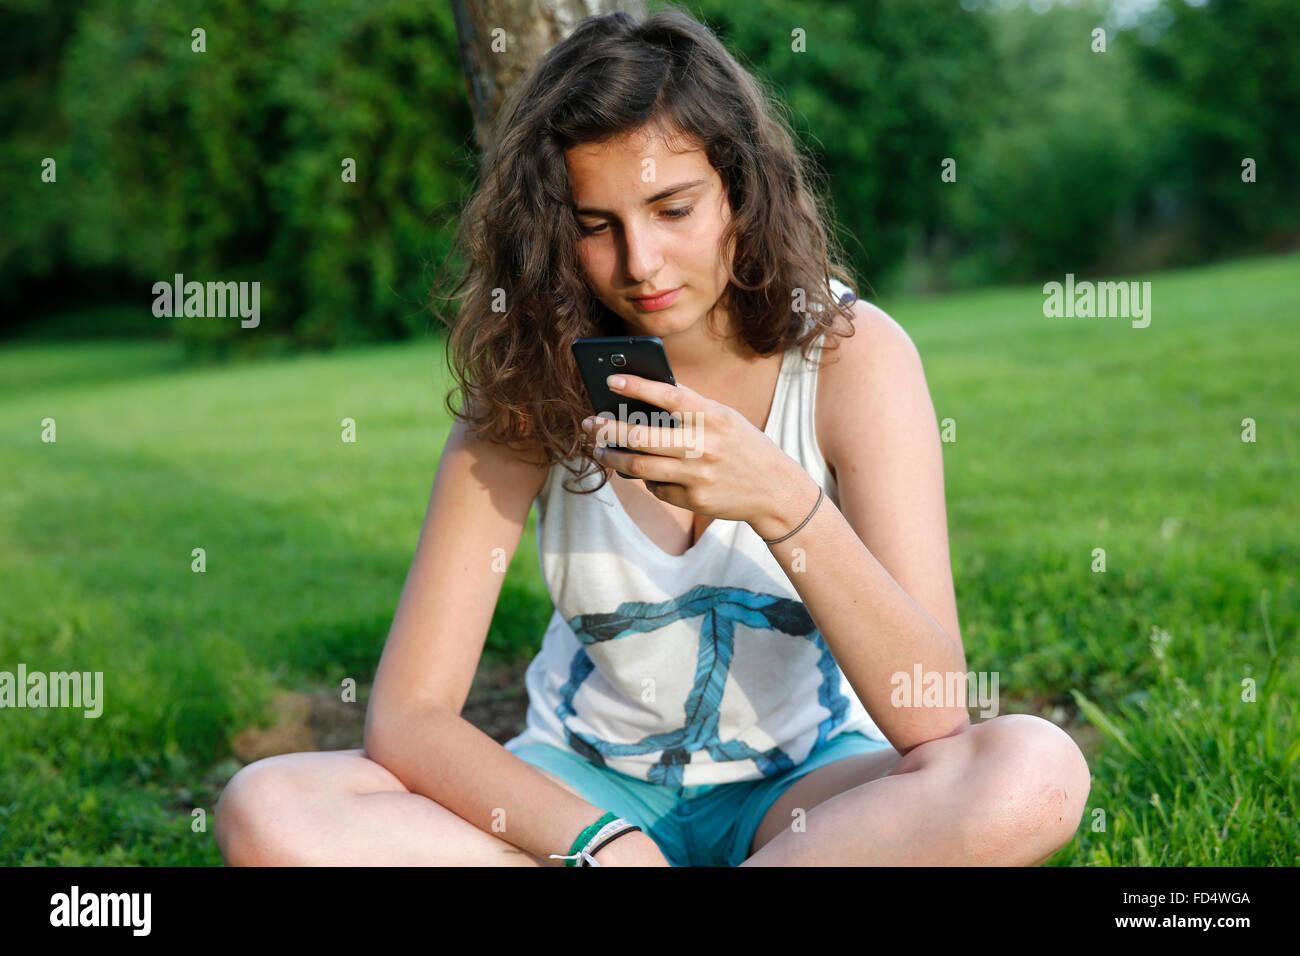 Adolescente usando un teléfono celular. Imagen De Stock